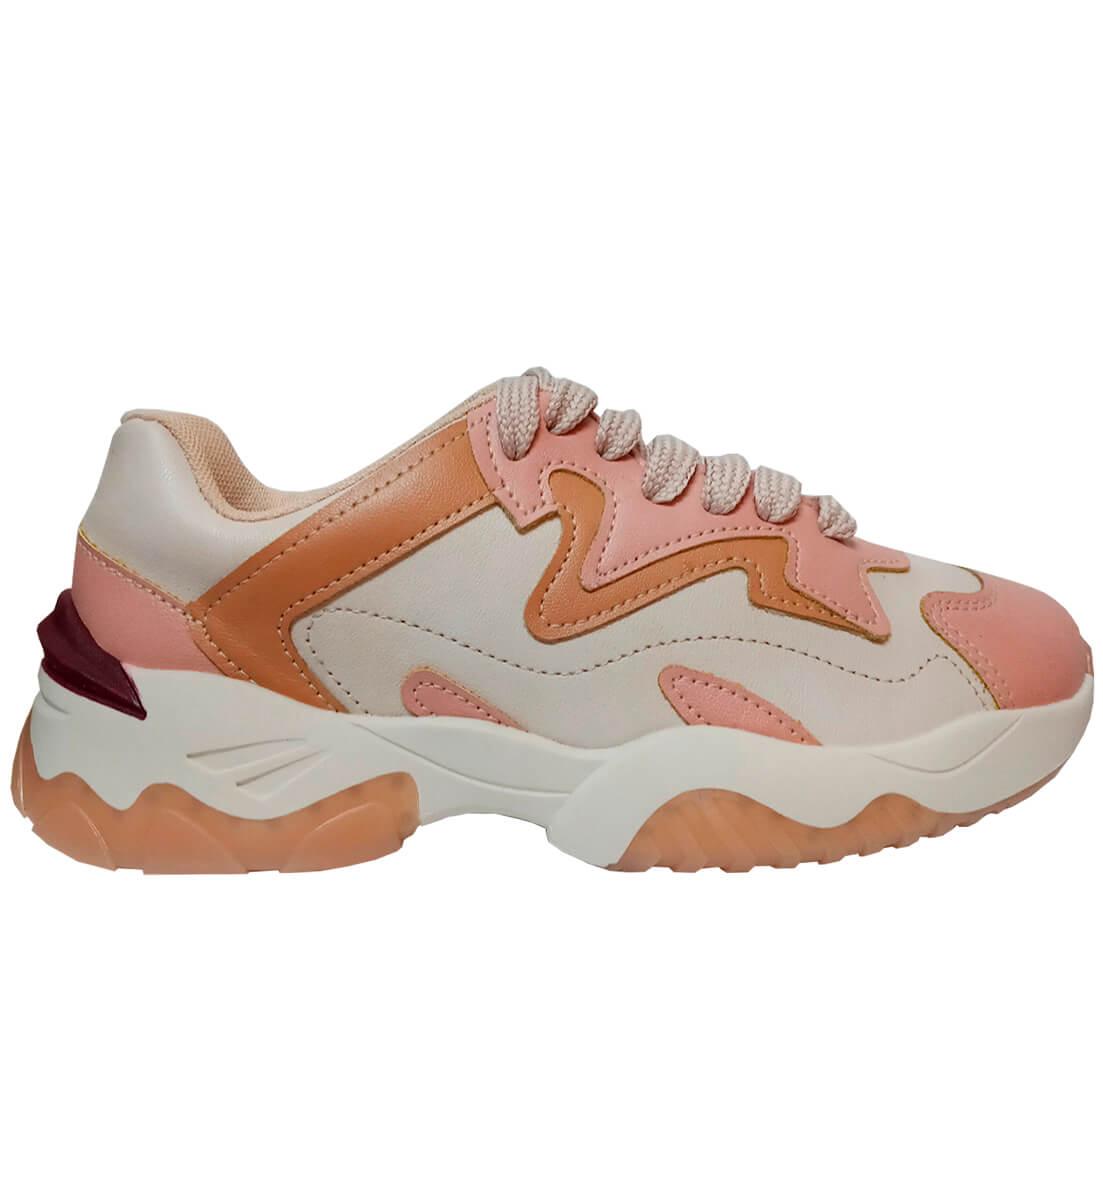 Tênis Beira Rio Chunky Dad Sneaker Feminino